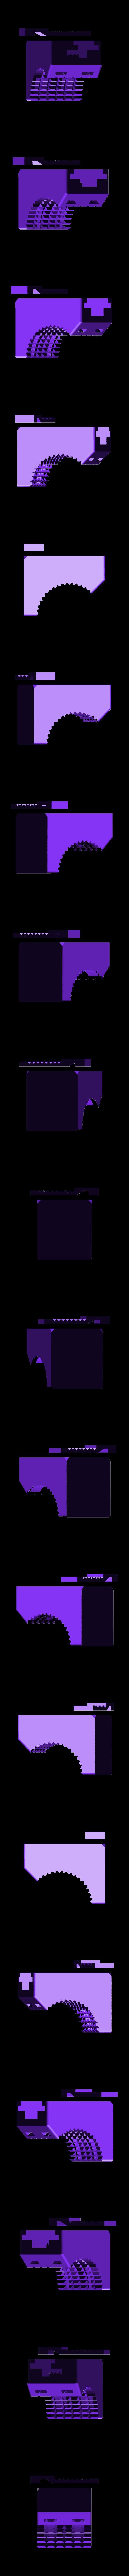 28mm_snapfit_handle_base_remix.stl Télécharger fichier STL gratuit poignée encliquetable pour montage sur barre (moletée, 22mm-34mm) • Objet imprimable en 3D, CyberCyclist